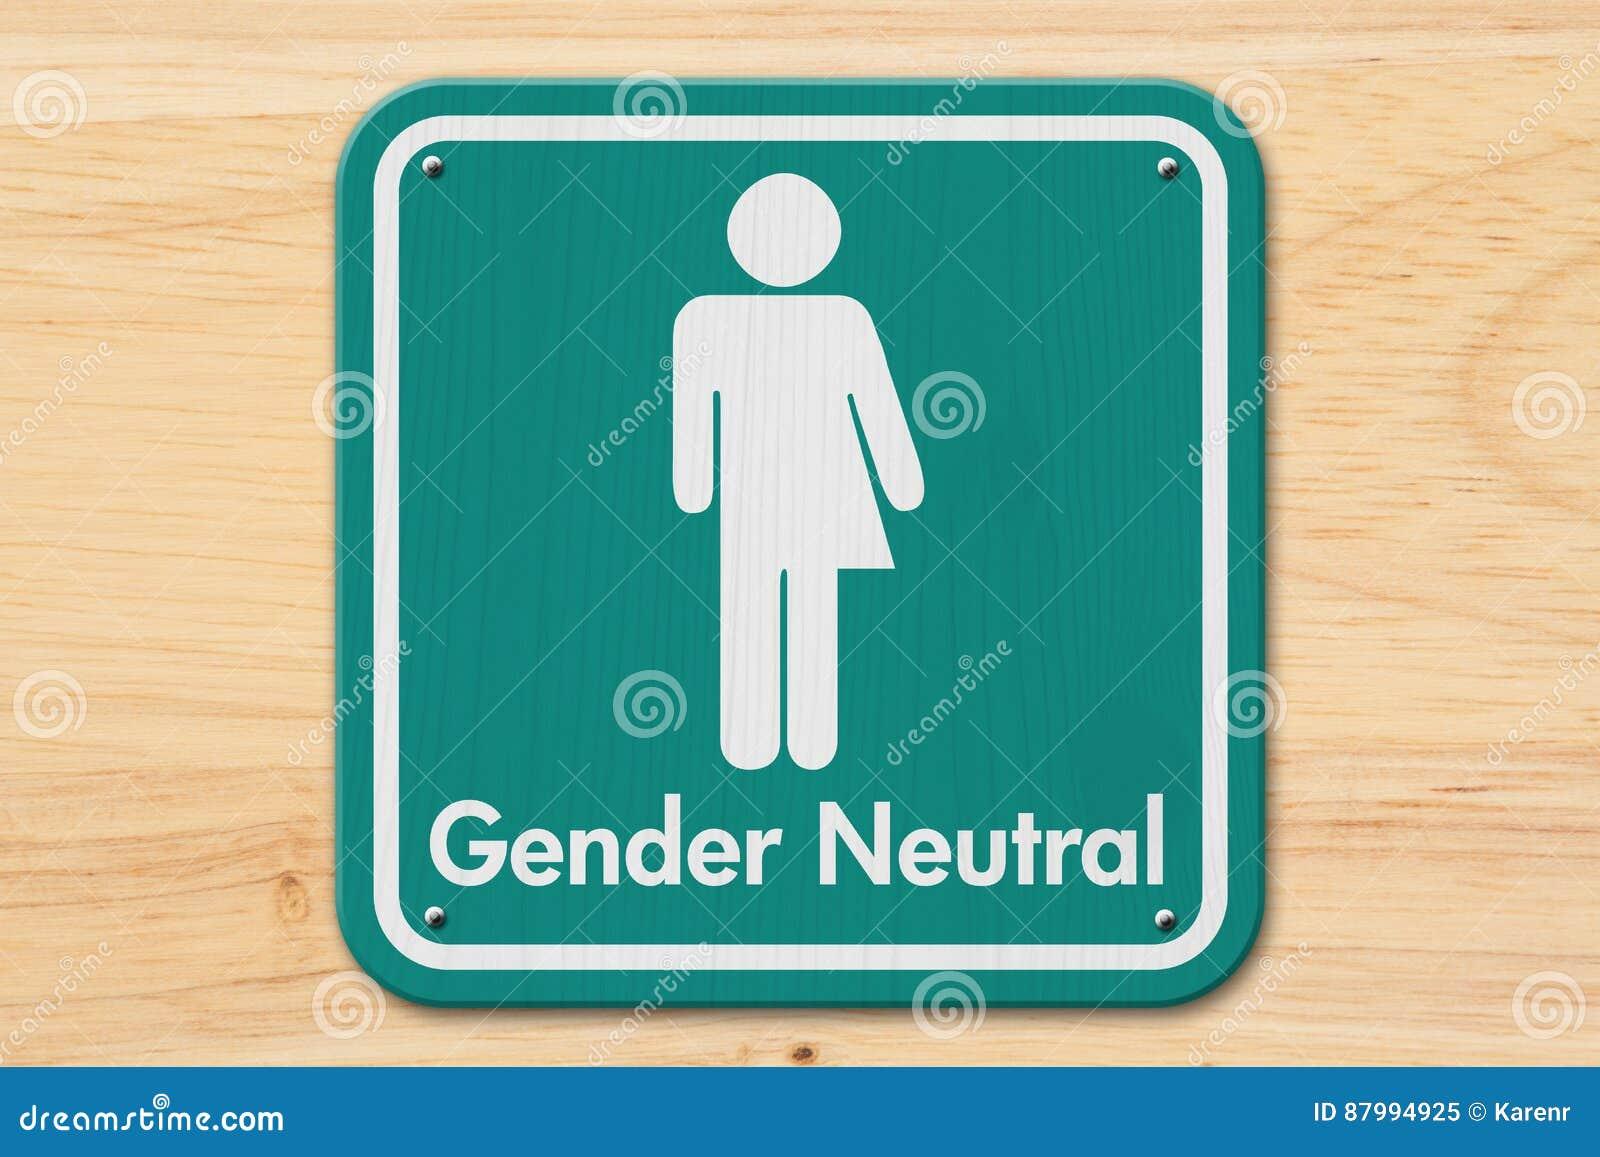 Transgenderzeichen mit Text Geschlechts-neutraler Person